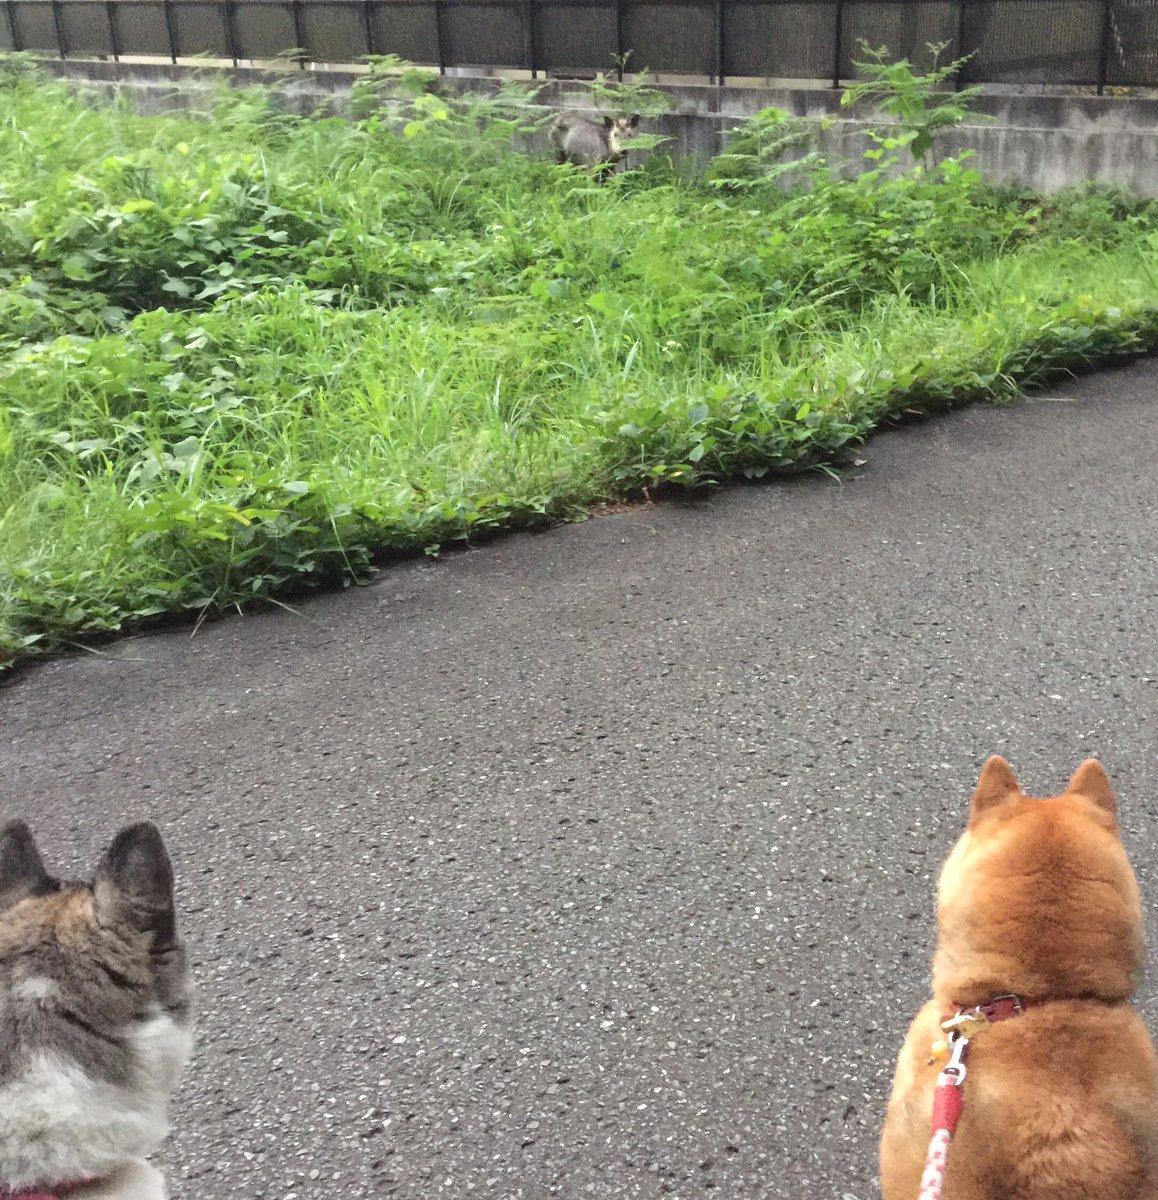 カモシカさん こんにちは! pic.twitter.com/1gaGUVRRHN